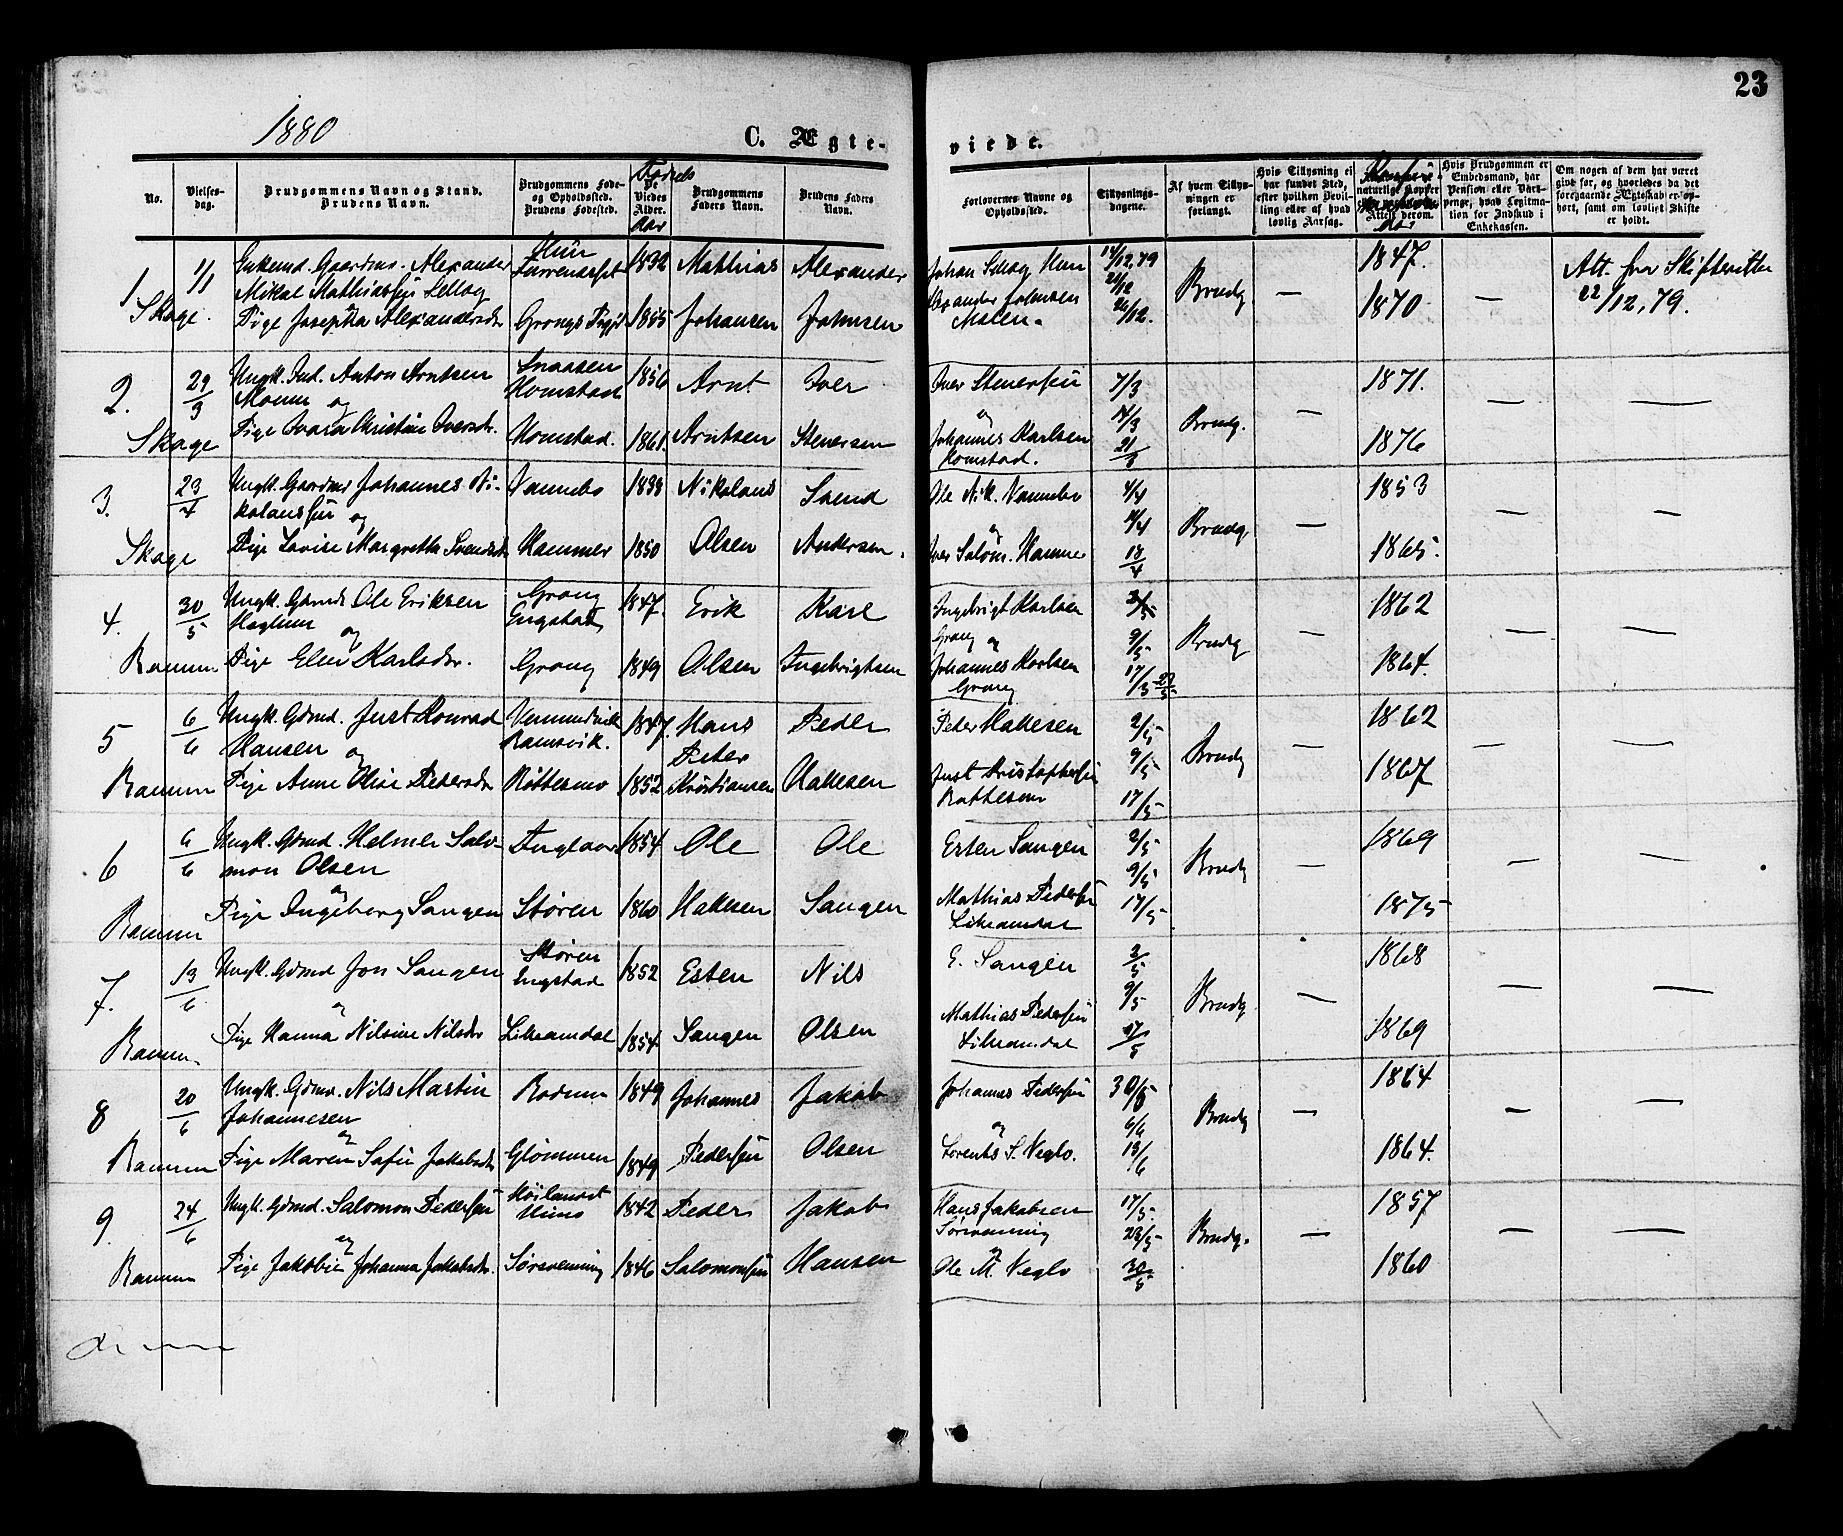 SAT, Ministerialprotokoller, klokkerbøker og fødselsregistre - Nord-Trøndelag, 764/L0553: Ministerialbok nr. 764A08, 1858-1880, s. 23